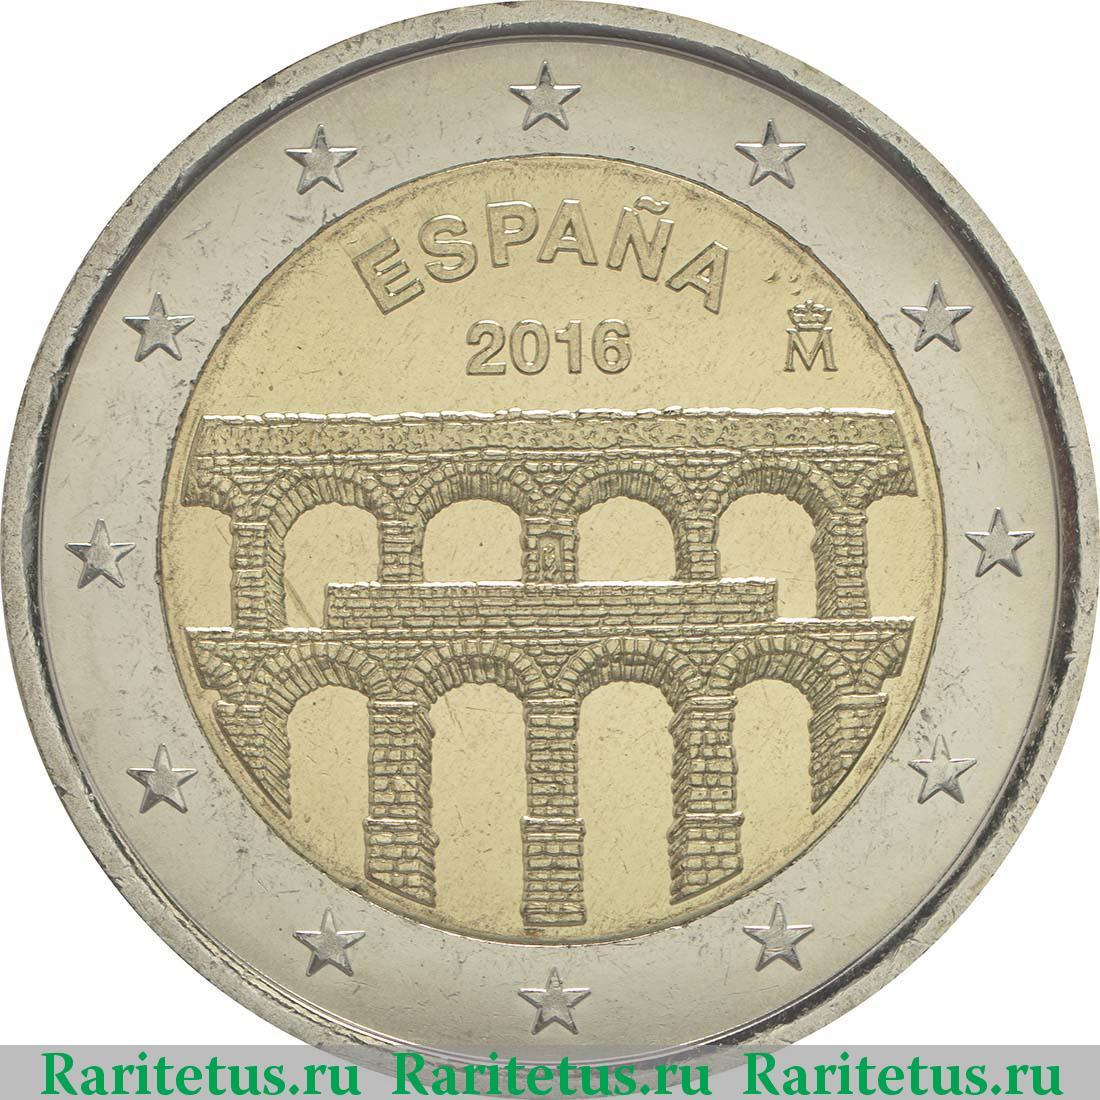 Где лучше всего хранить 2 евровые монеты монеты рф 2014